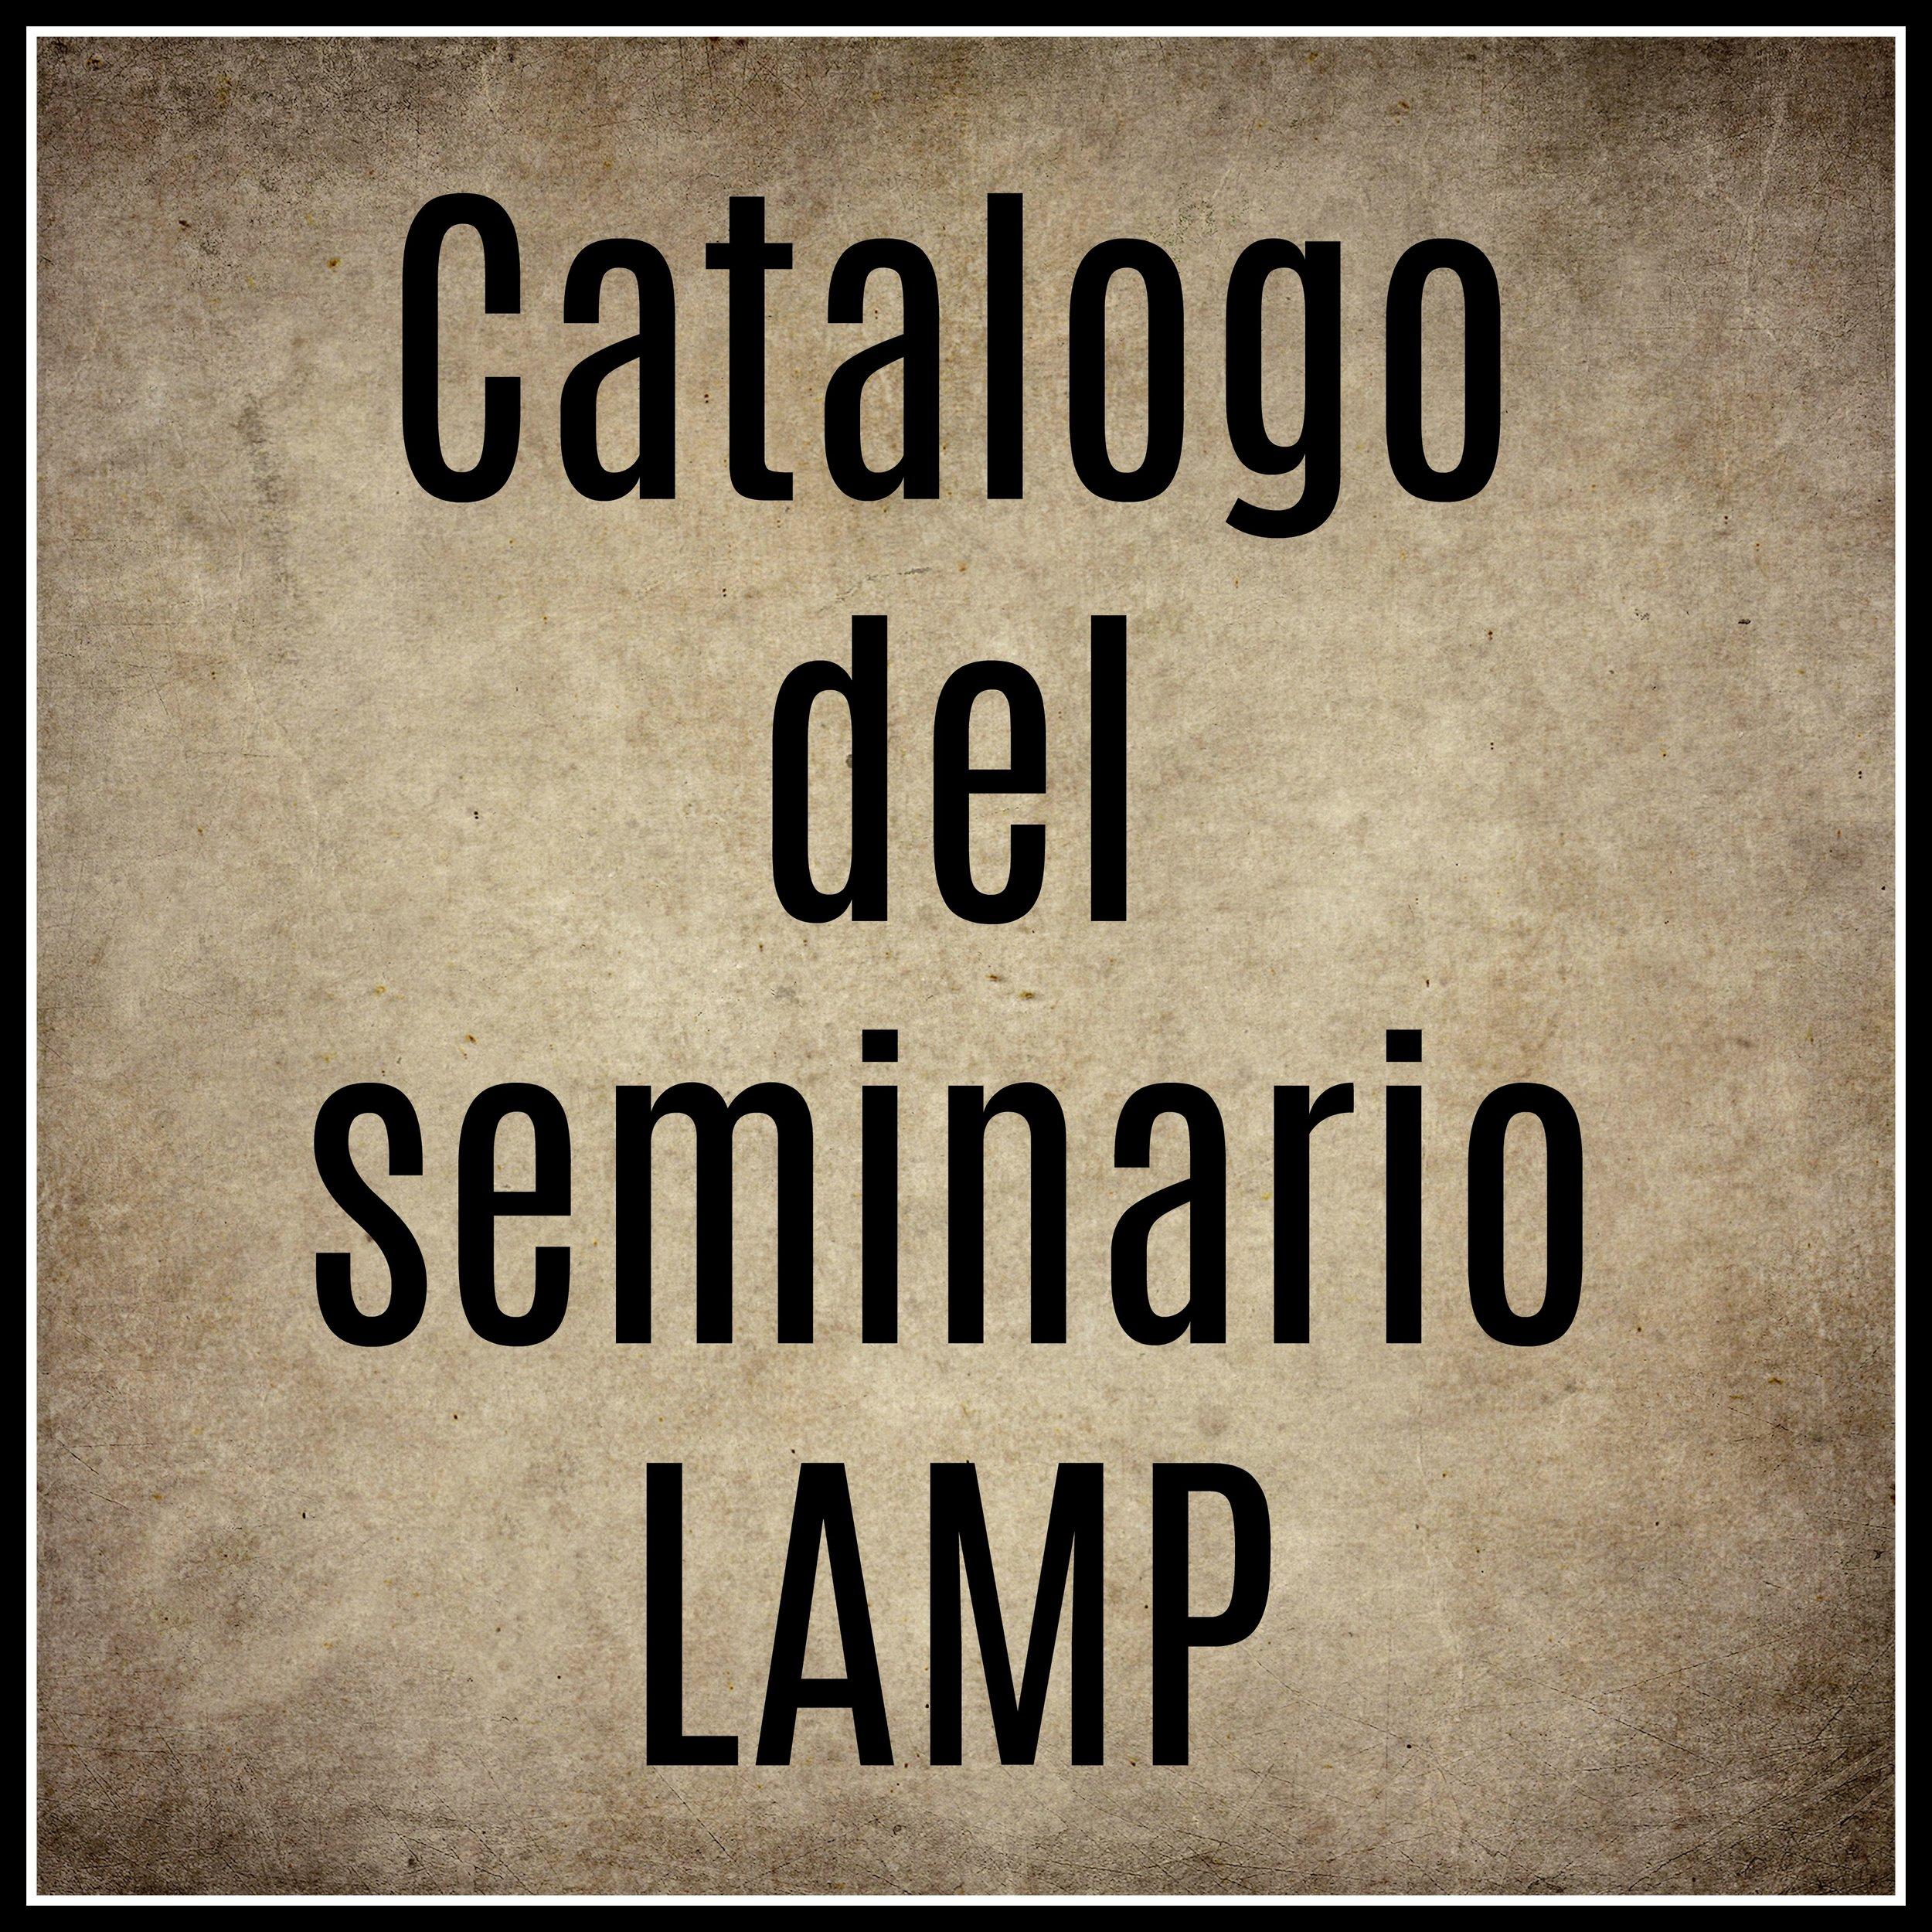 MoCatalogo del seminario LAMP.jpg